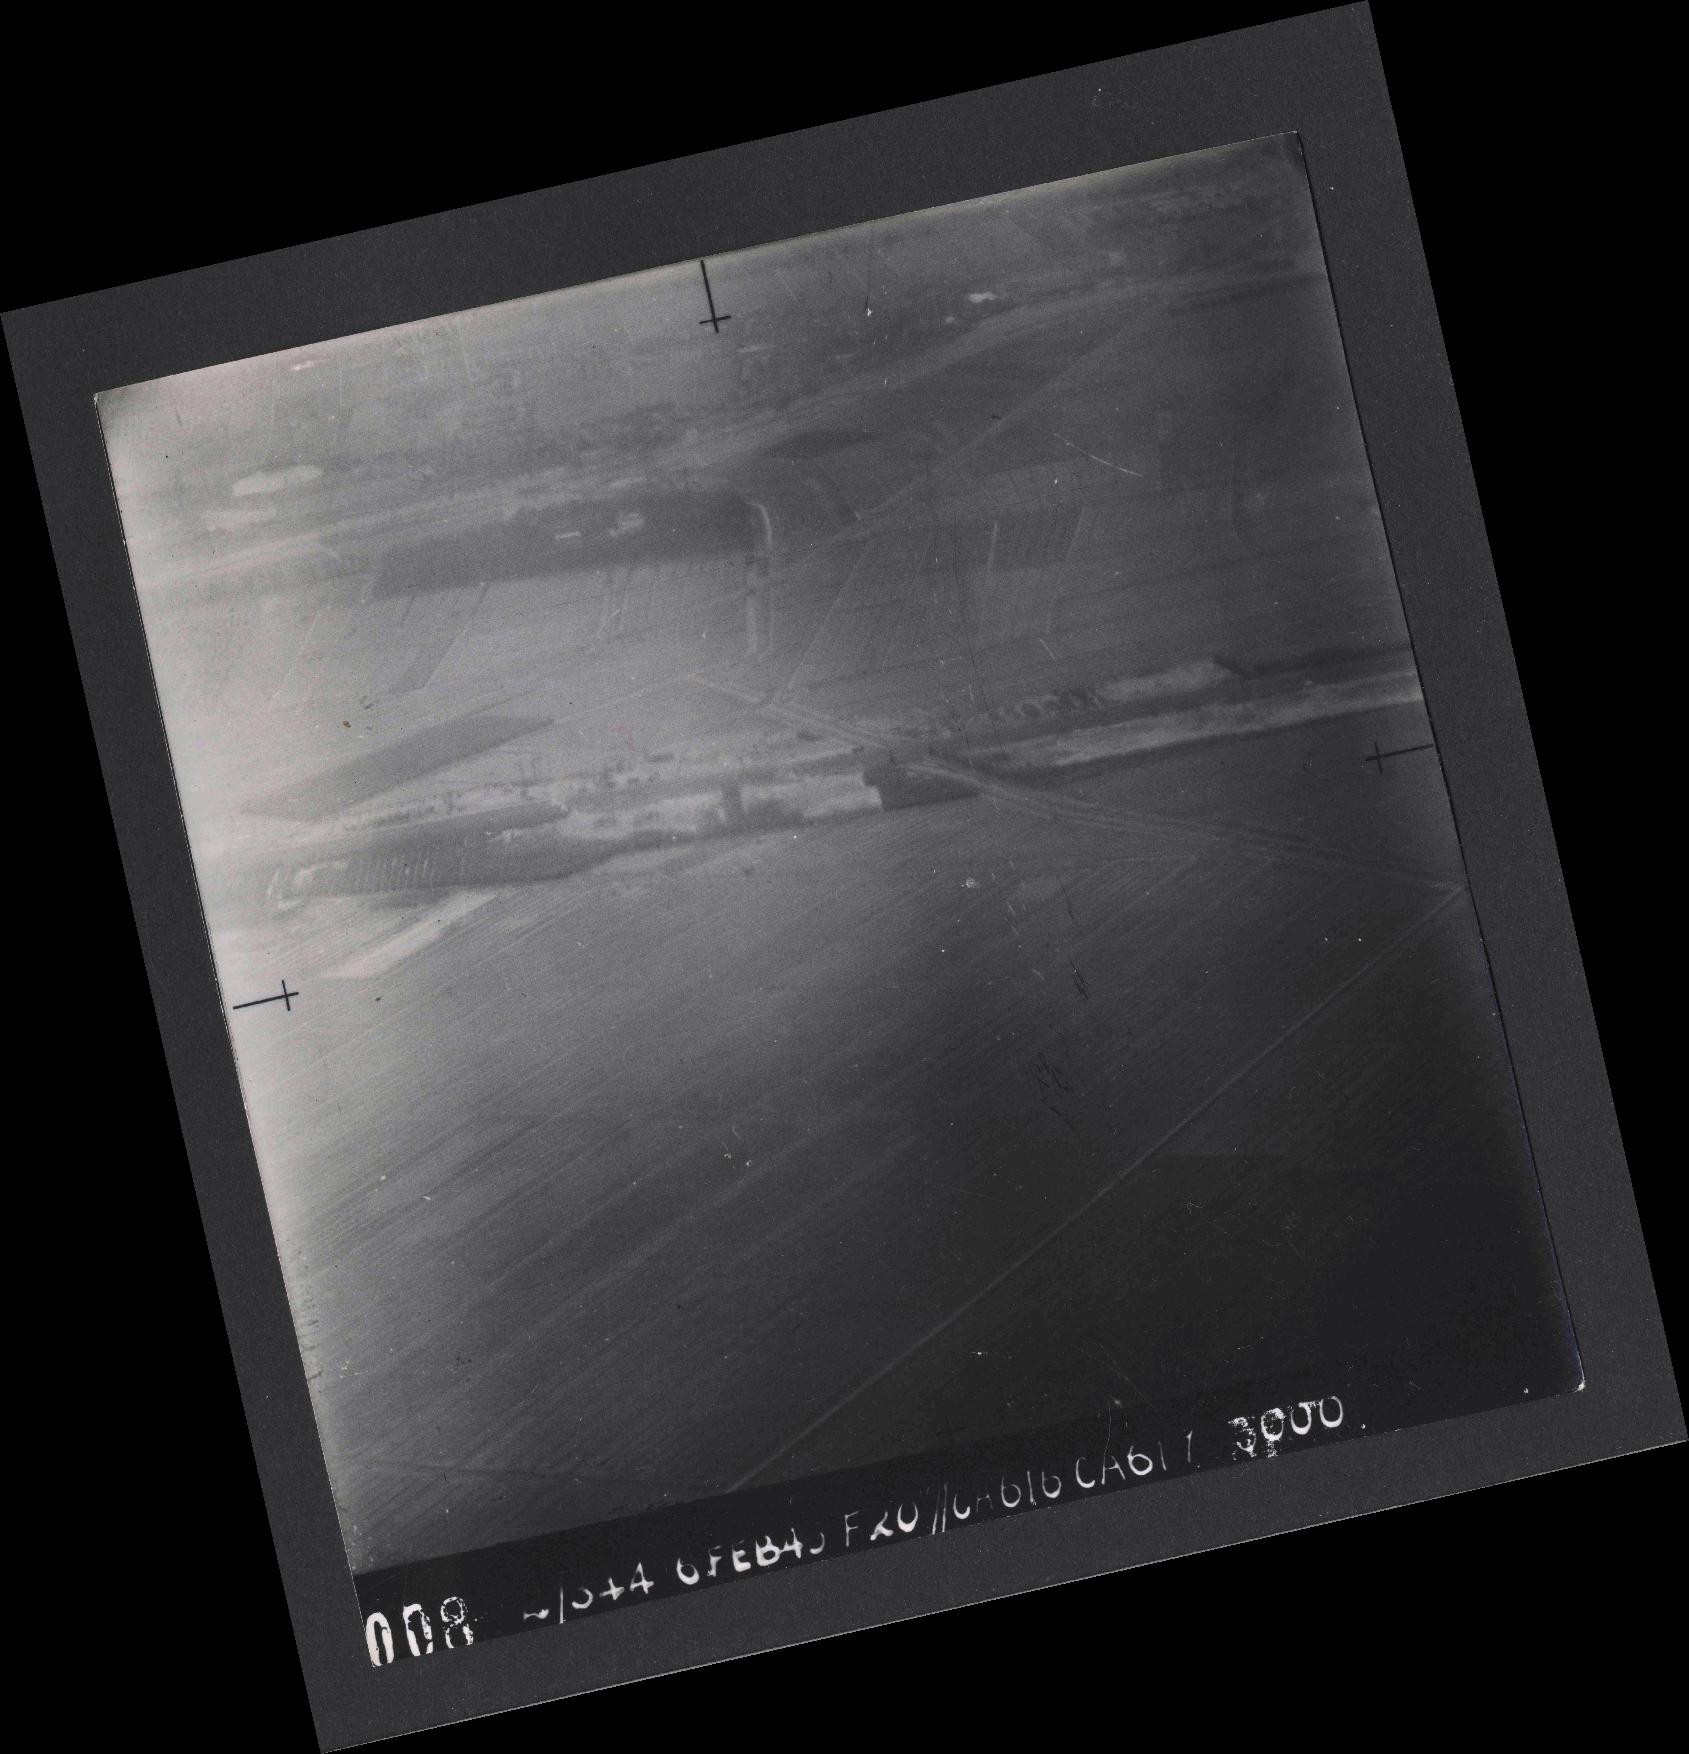 Collection RAF aerial photos 1940-1945 - flight 532, run 01, photo 0008